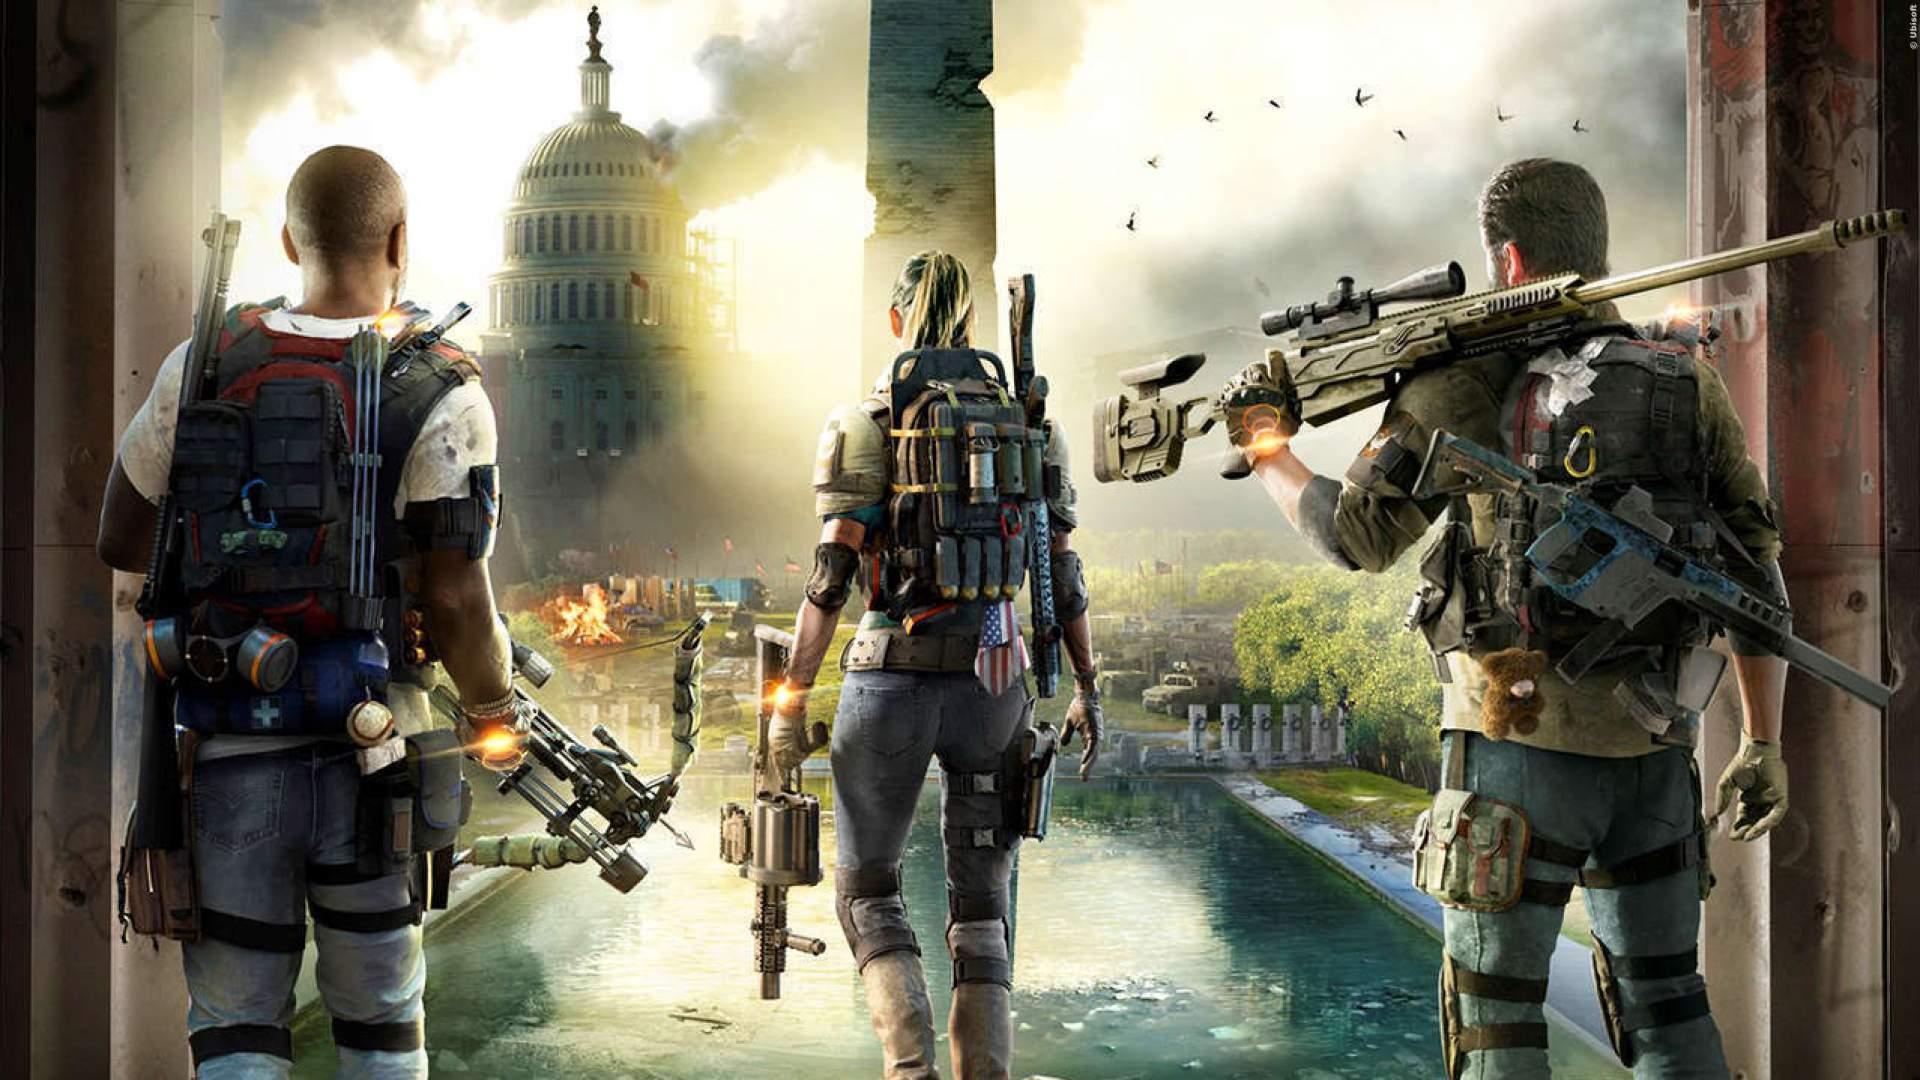 KRIEG: Game-Verfilmung 'The Division' kommt nicht ins Kino, aber kommt